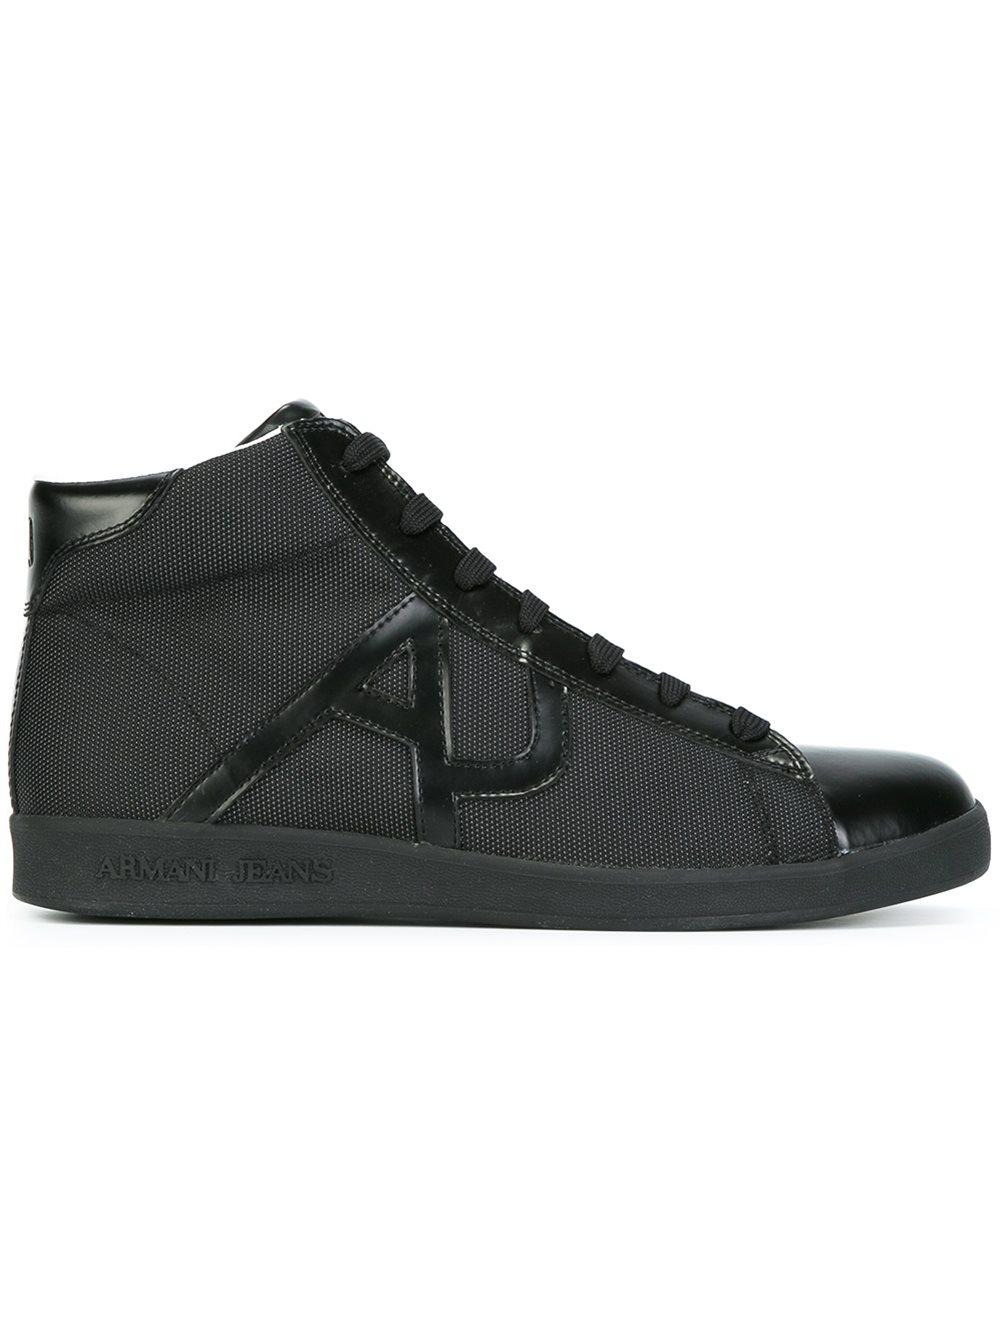 3feb285ab 100% Authentique armani jeans chaussure homme prix Outlet en ligne